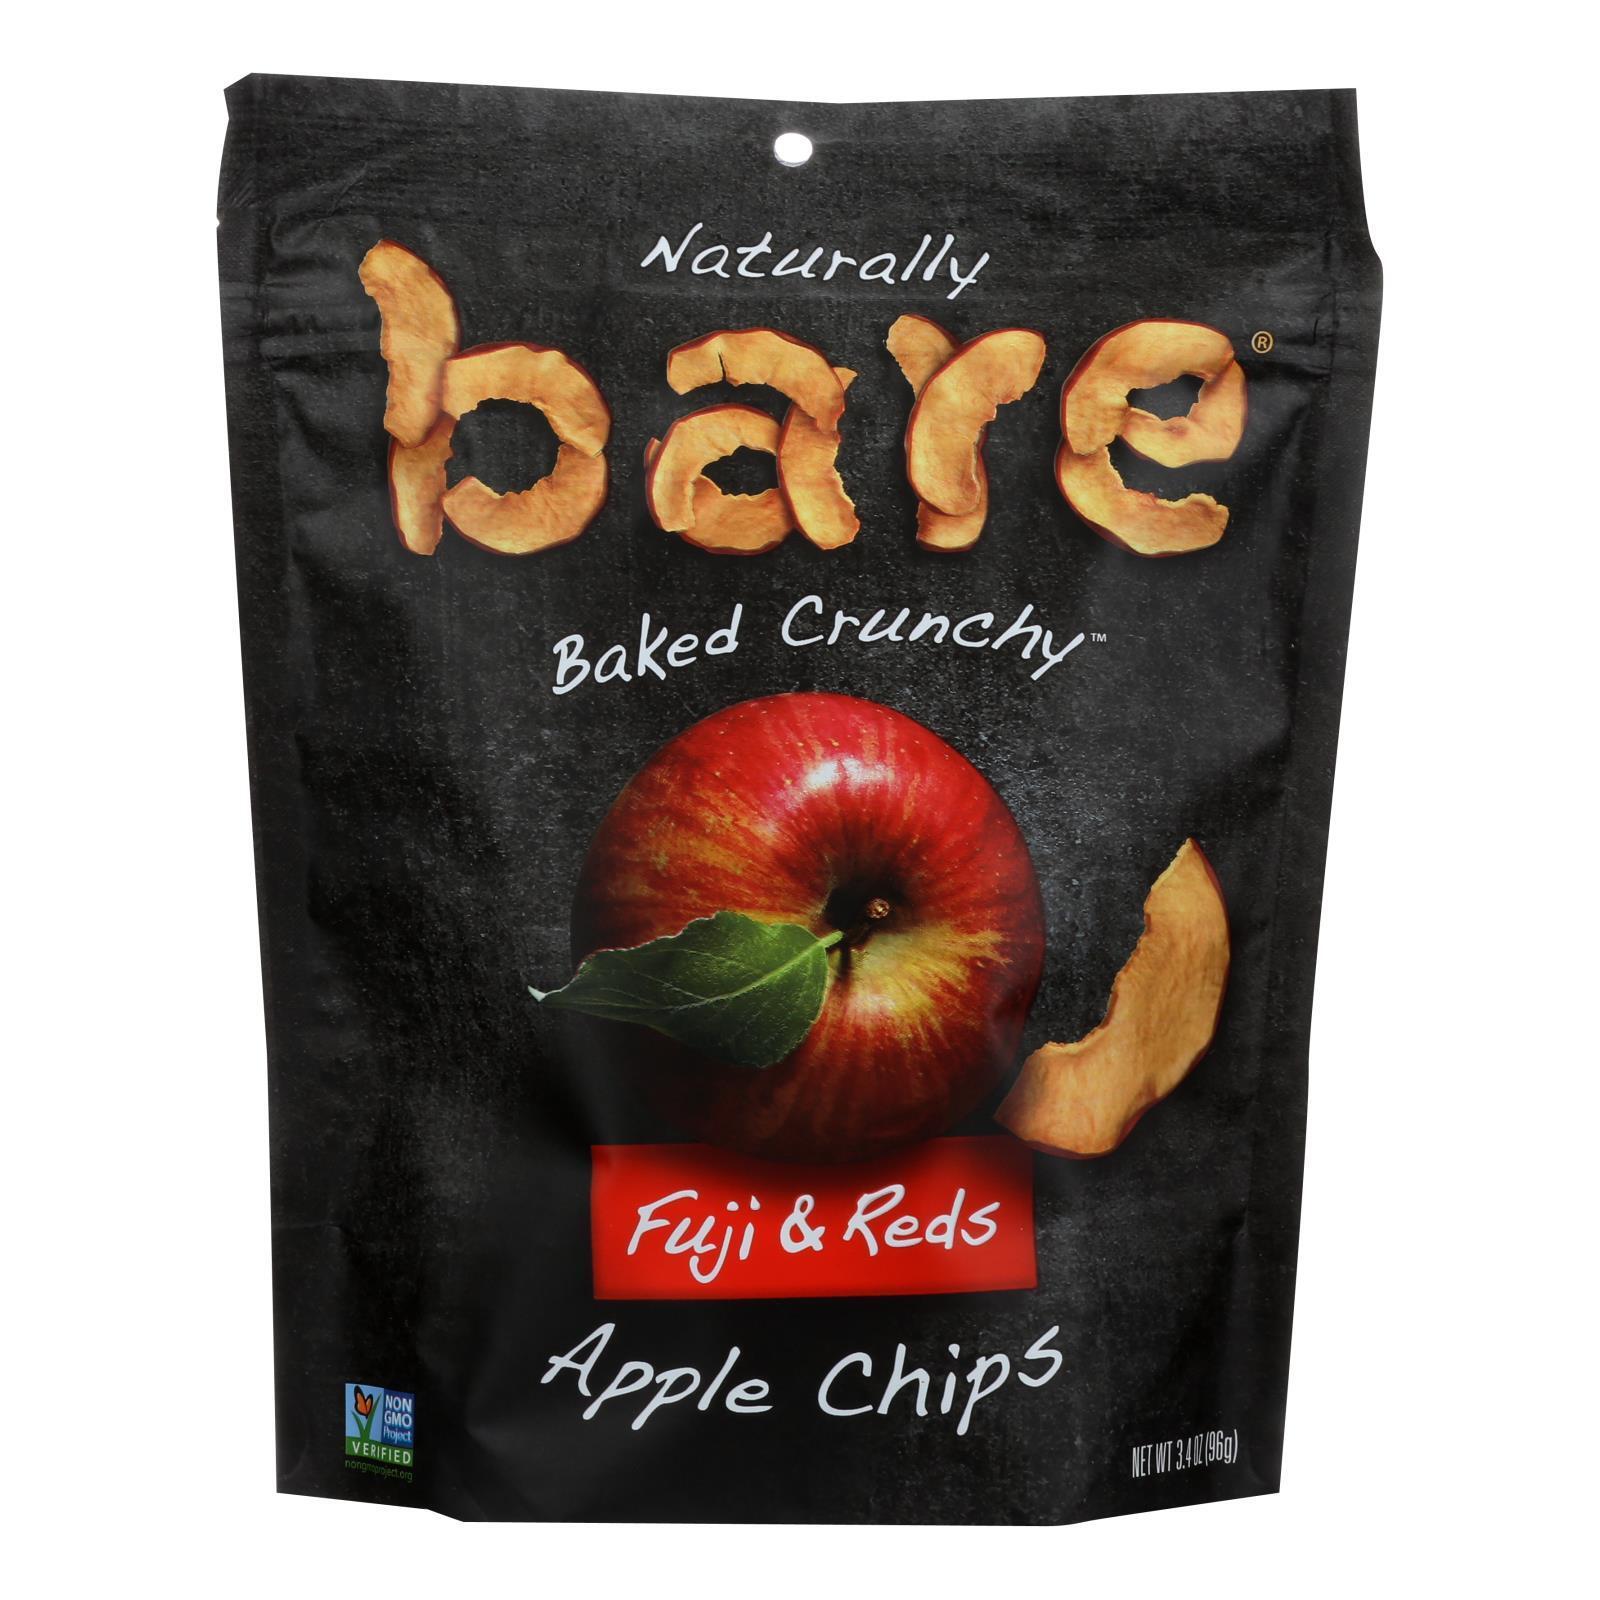 Bare Fruit Apple Chips - Fuji & Reds - Case of 12 - 3.4 oz